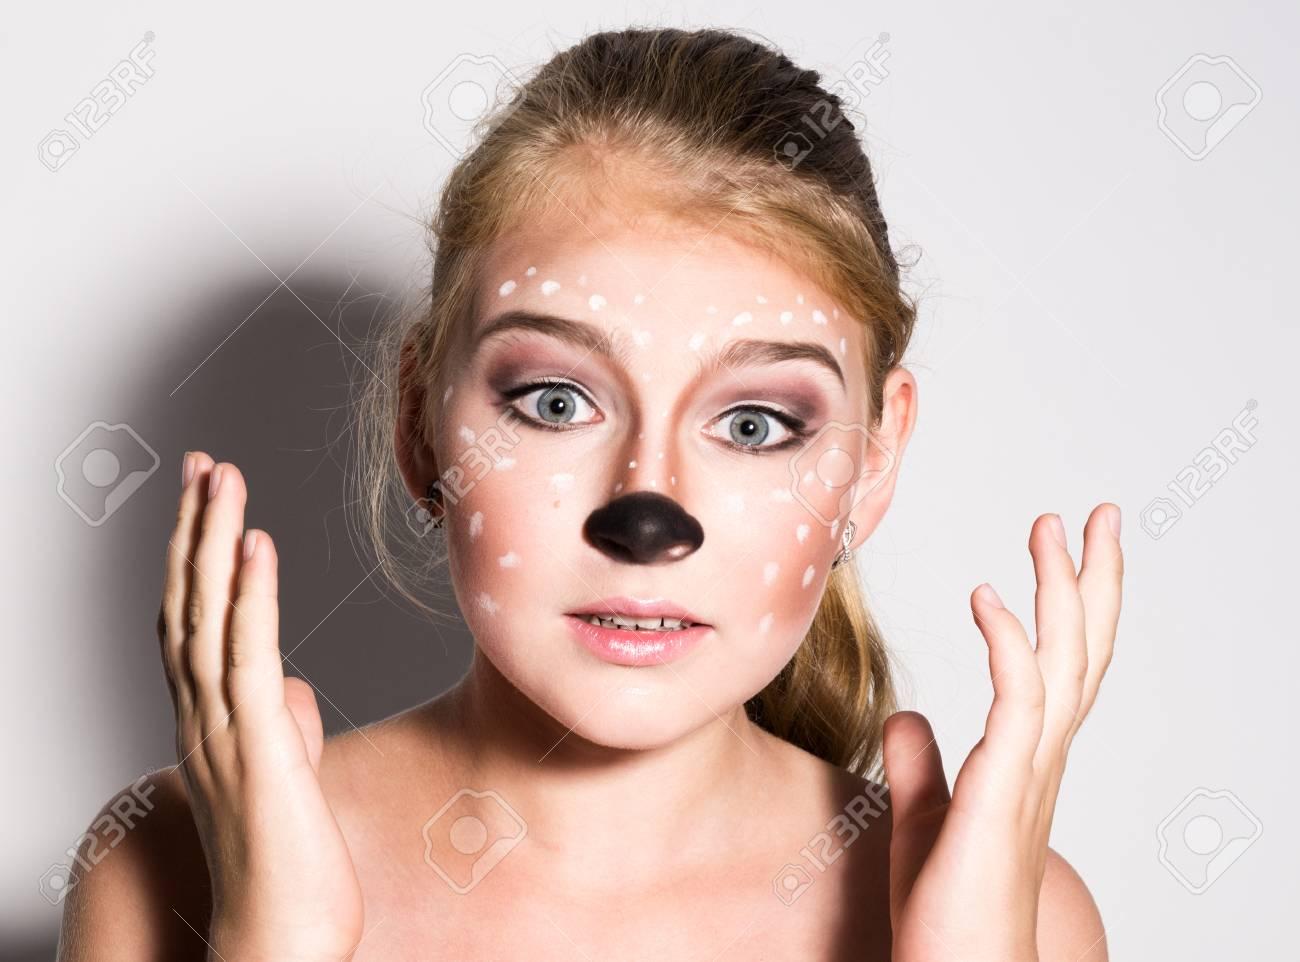 Belle Fille Avec Drole Maquillage Exprime Des Emotions Differentes Image Drole De Belle Jolie Fille Banque D Images Et Photos Libres De Droits Image 60570909